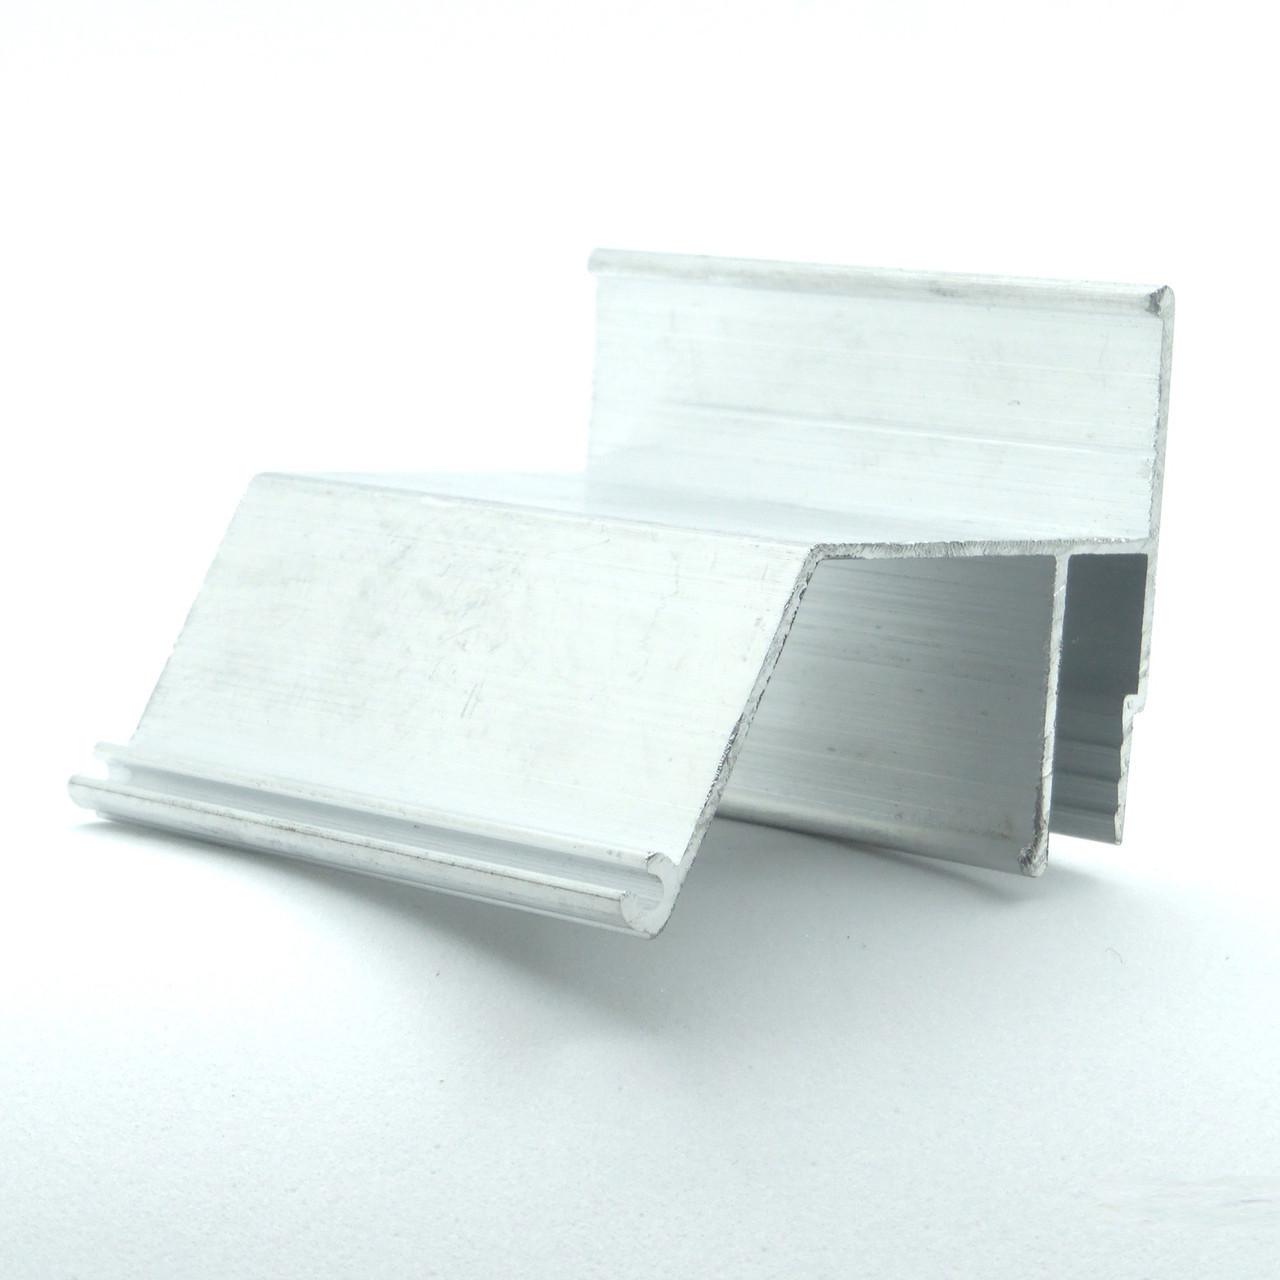 Профиль алюминиевый для натяжных потолков - парящий контур, с подсветкой. Длина профиля 2 м.